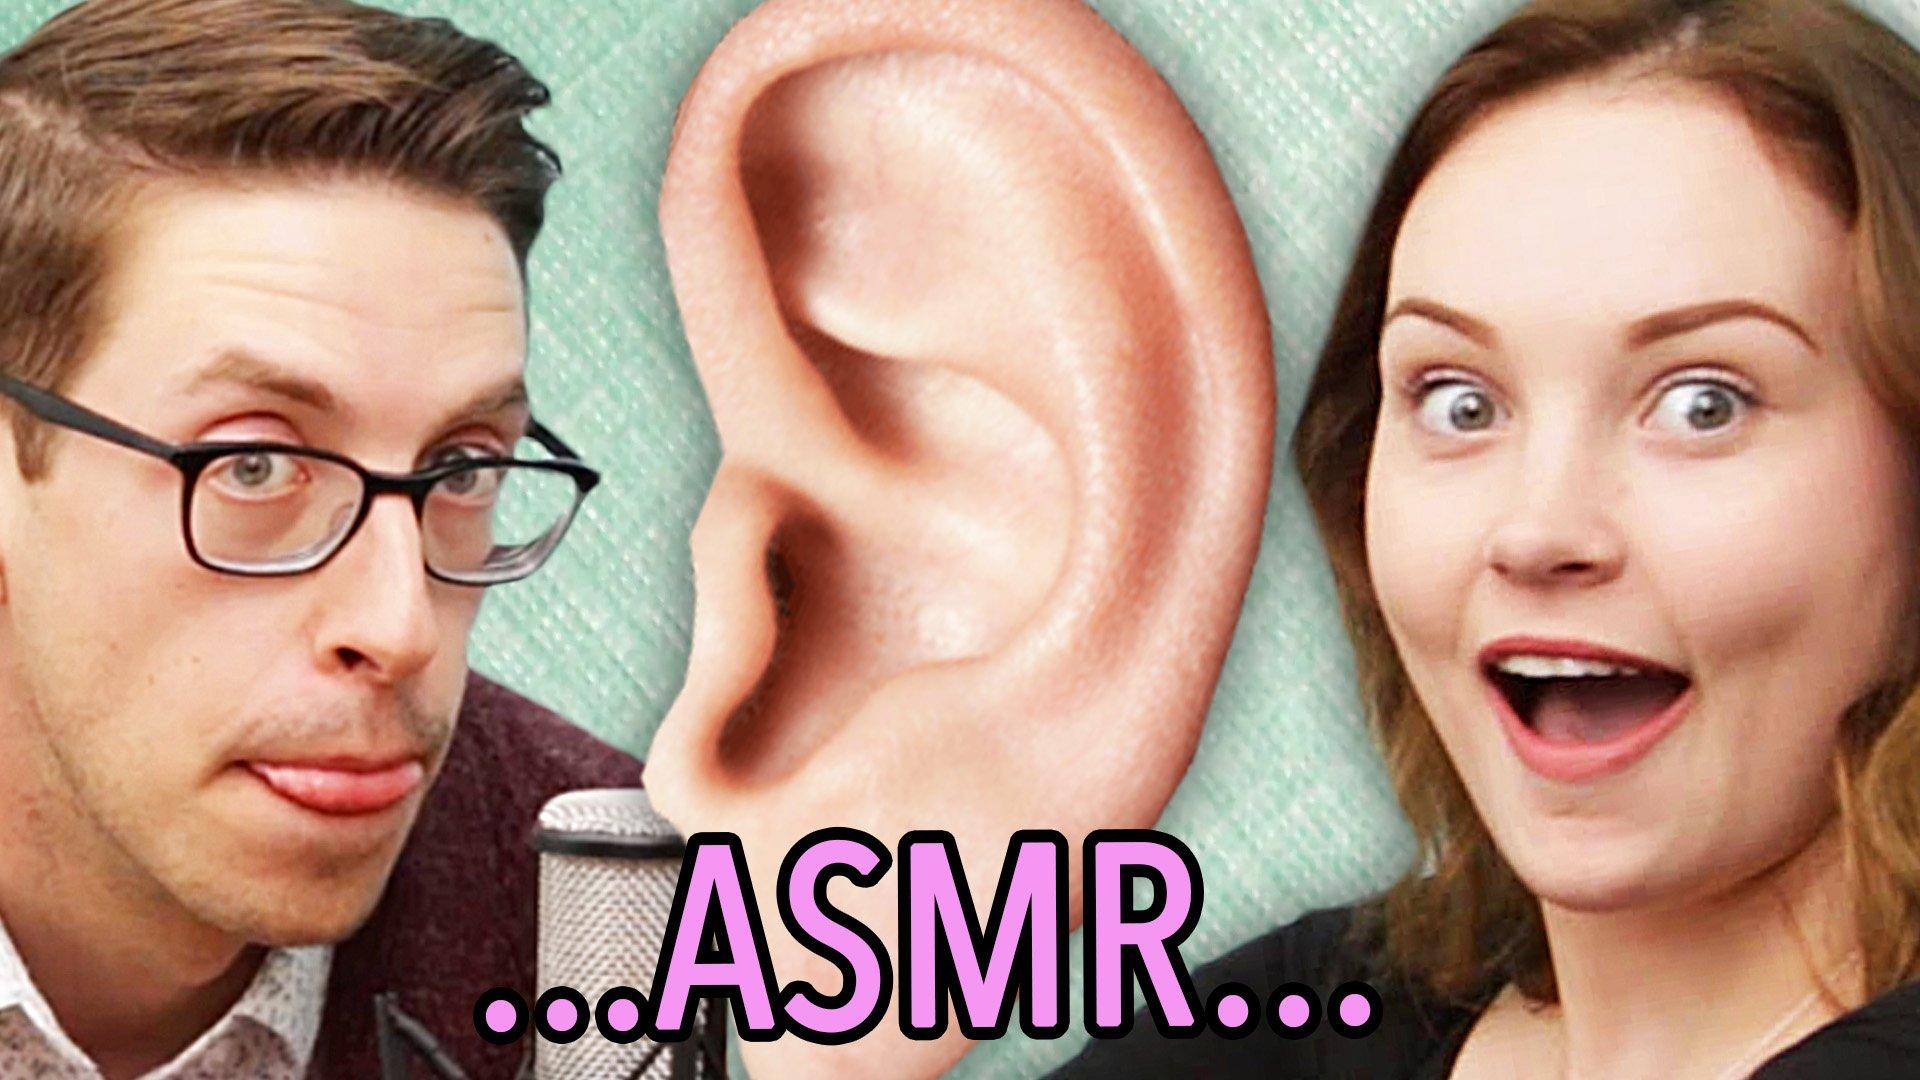 Darling porn asmr ASMR Darling